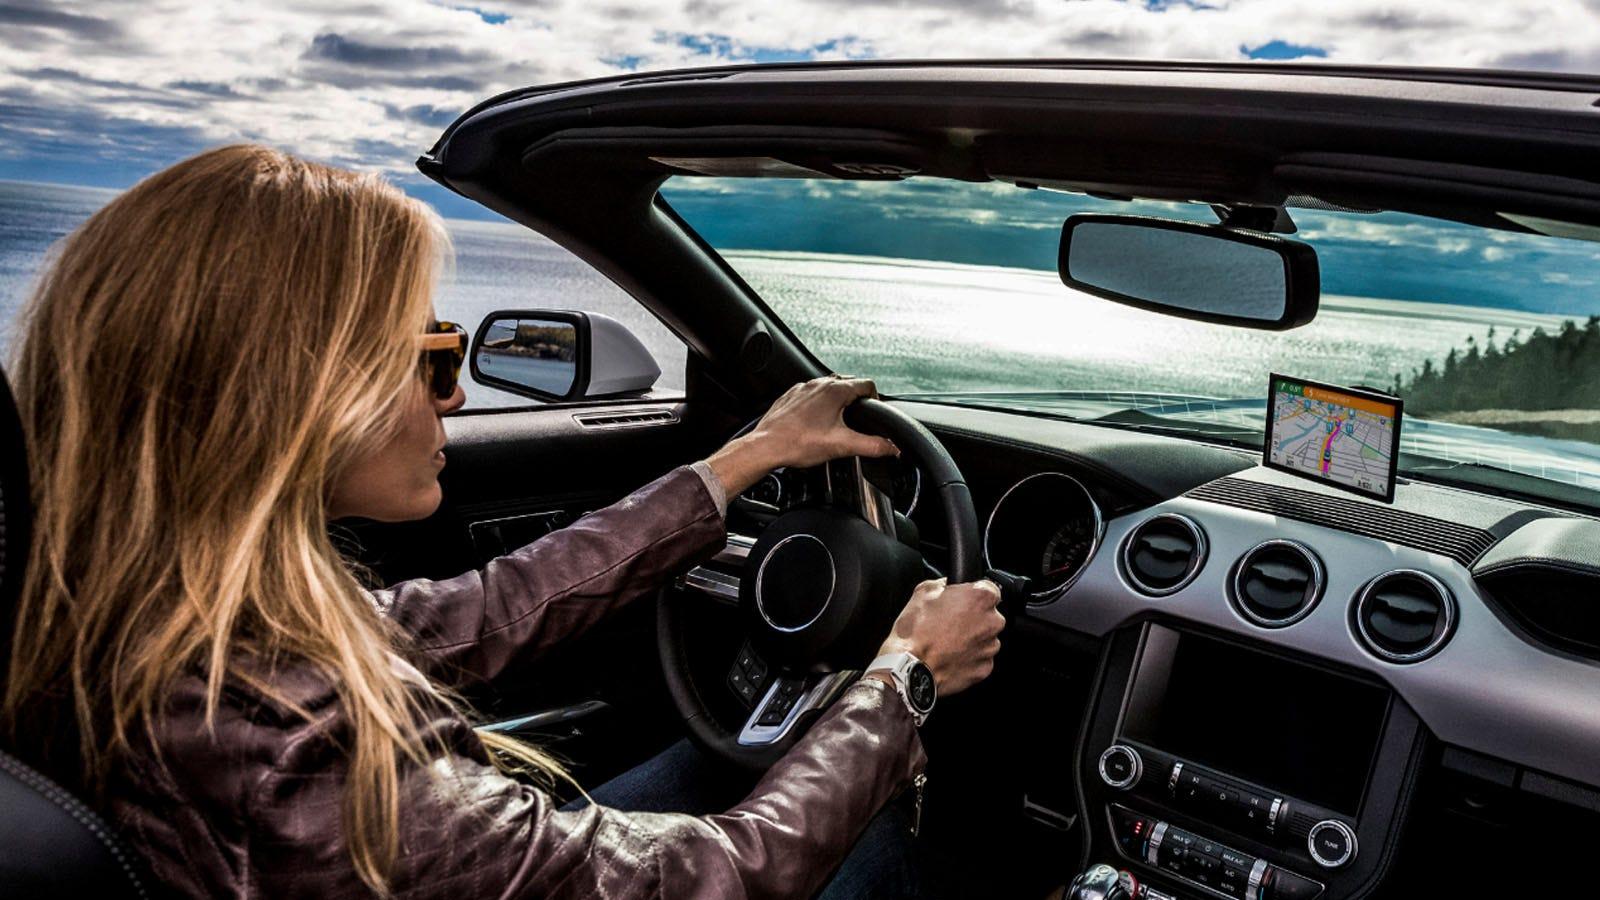 Gps Geräte Für Auto : Die besten auto gps geräte allinfo